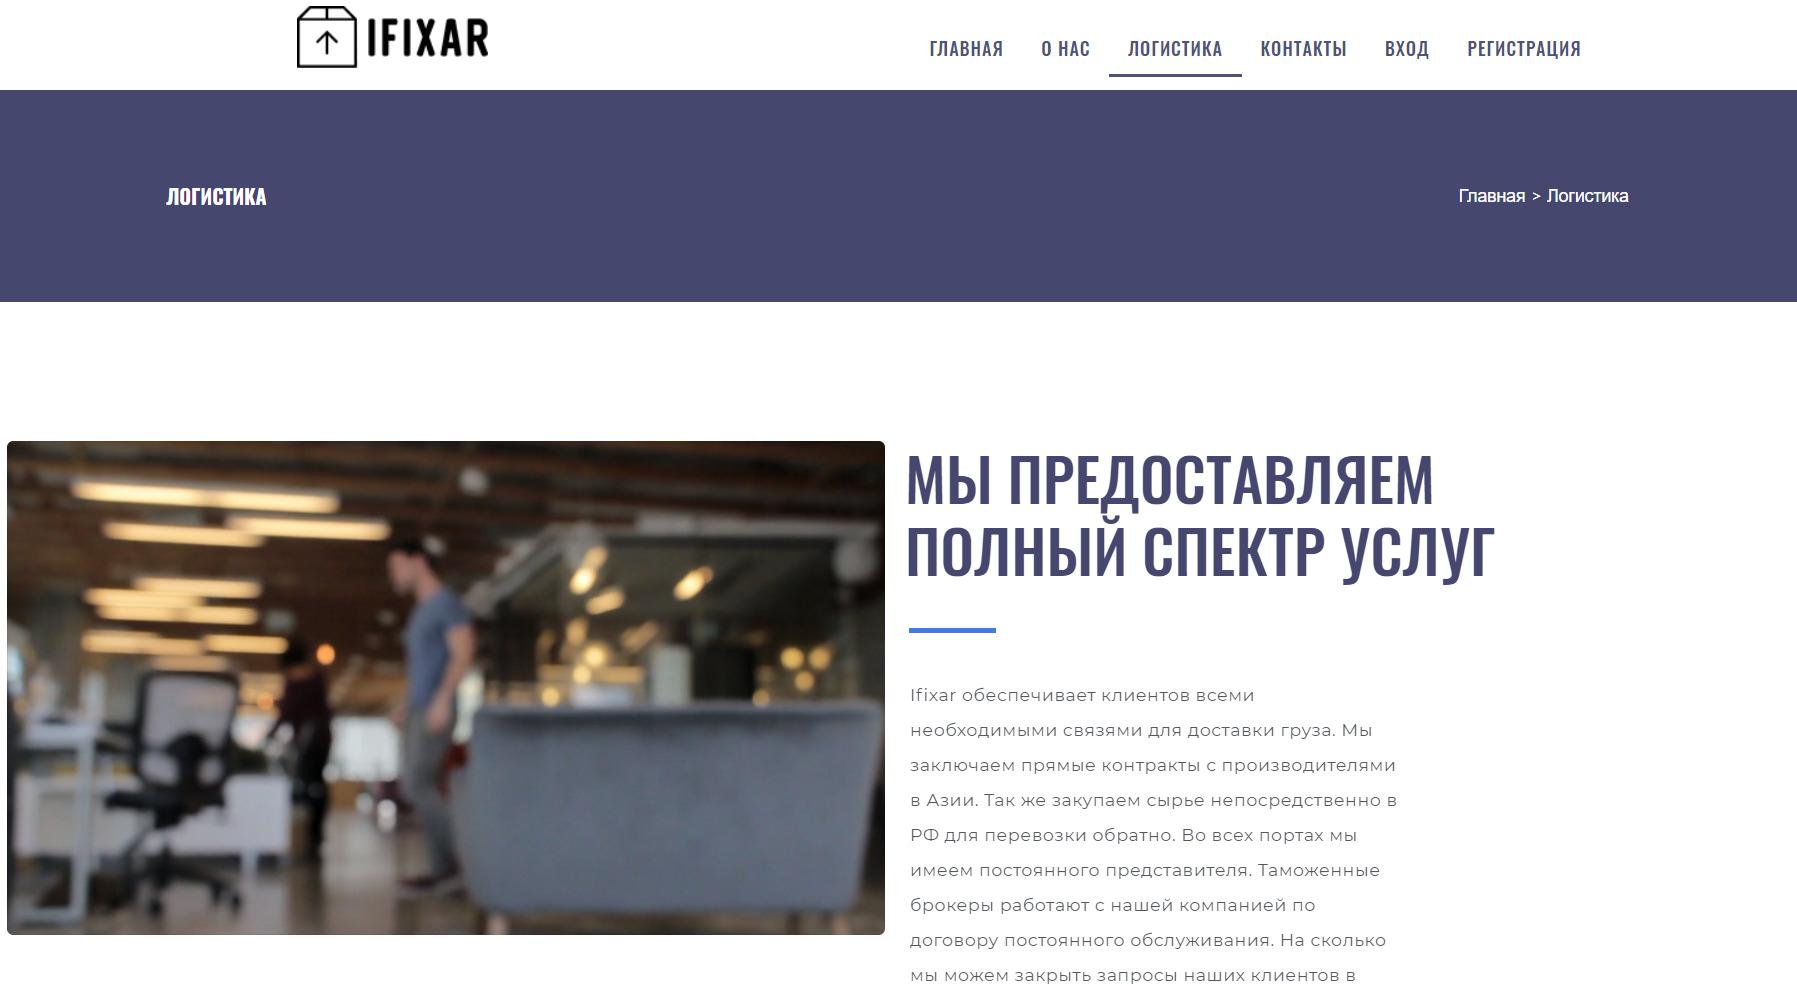 Обзор компании Ifixar